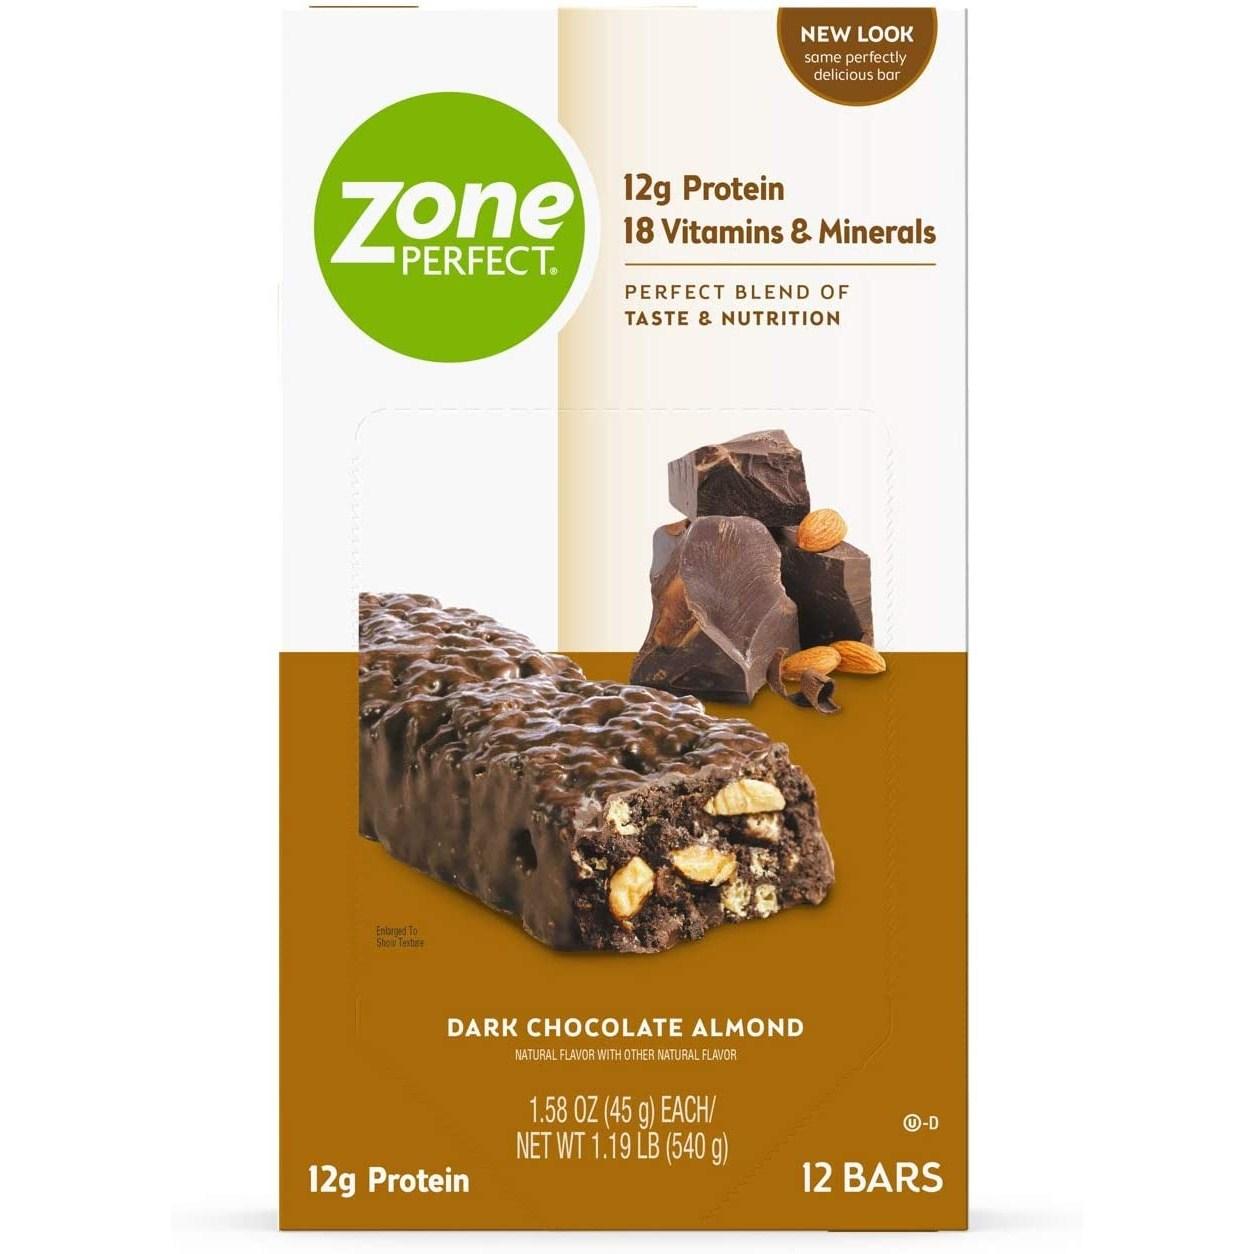 존퍼펙트 뉴트리션 바 12g 프로틴, 12개입, Dark Chocolate Almond